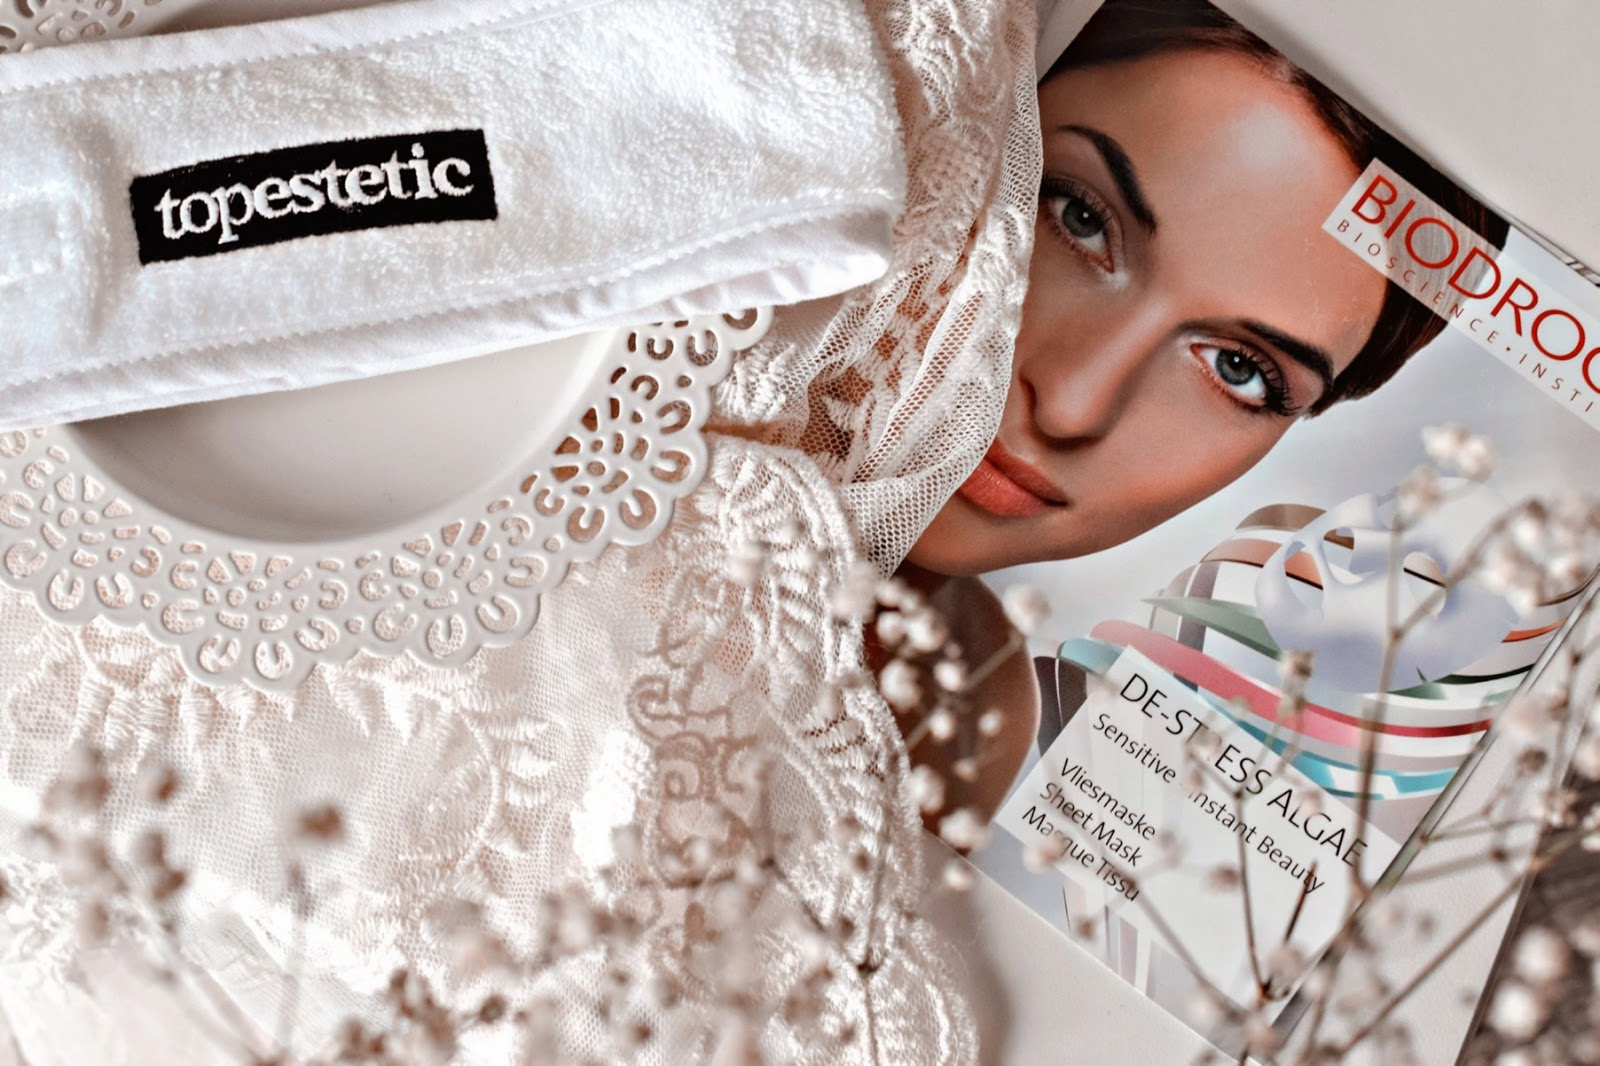 Maska w płachcie De-Stress Algae marki Biodroga Bioscience, TOPESTETIC